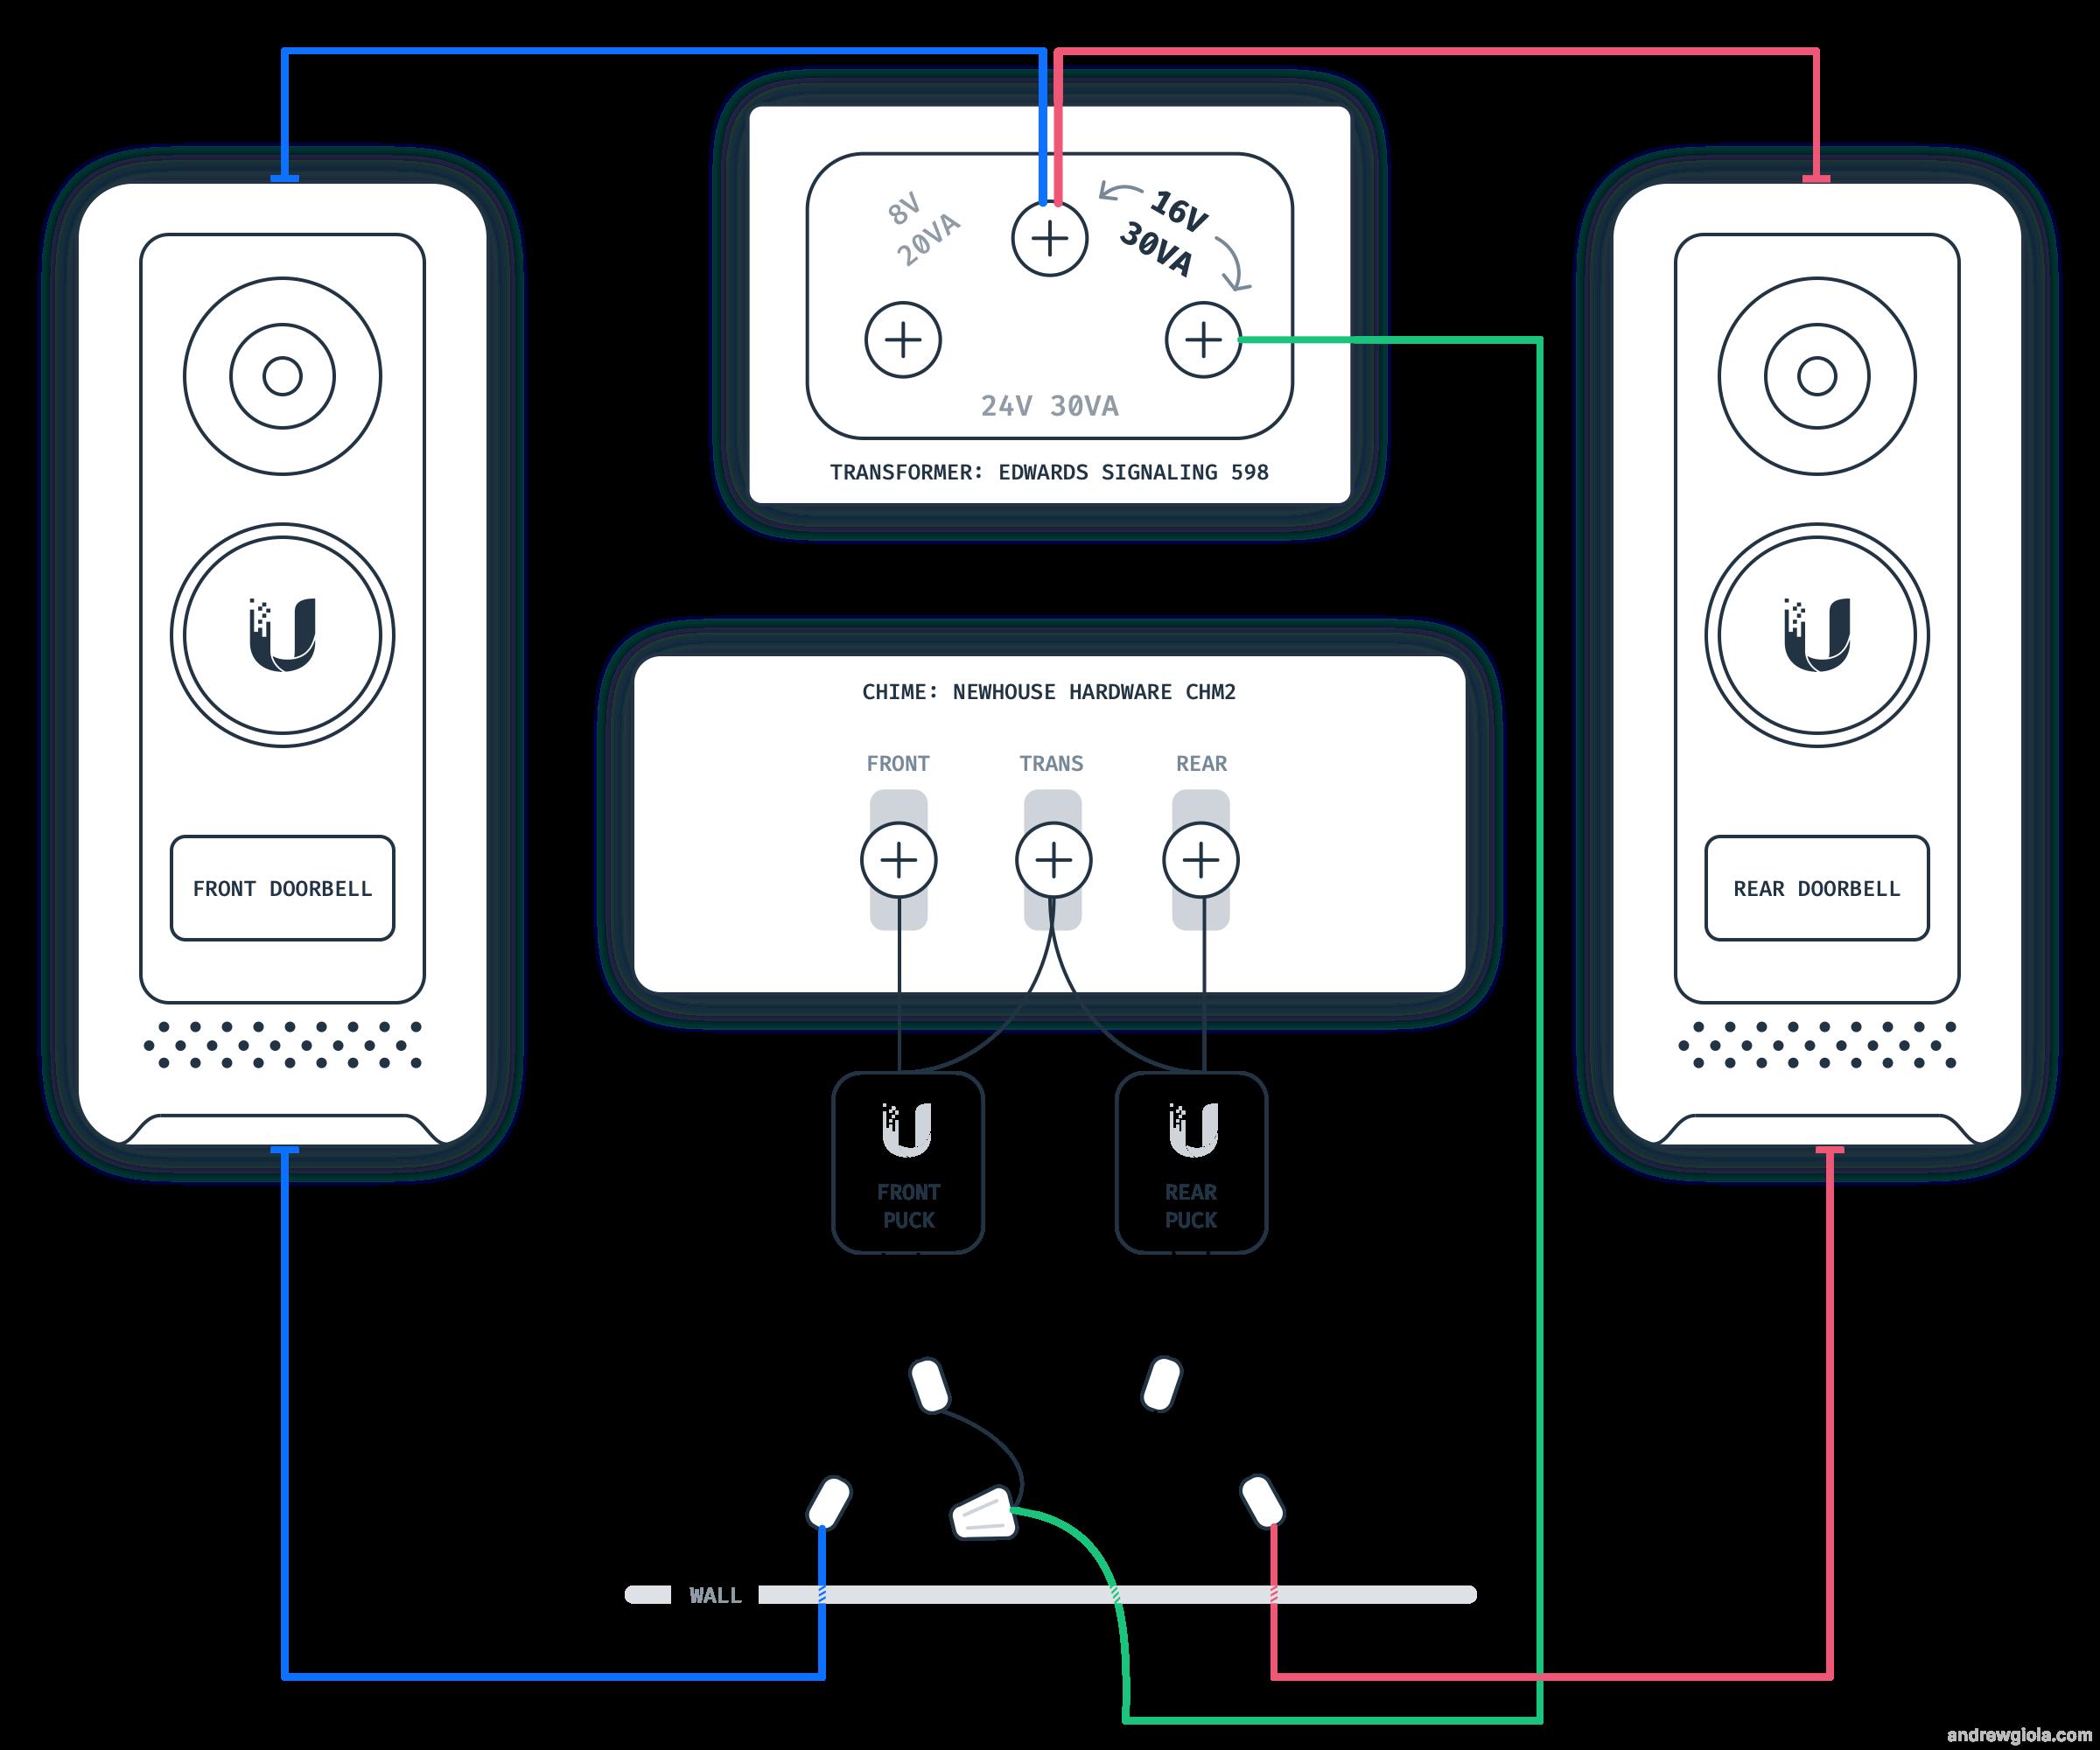 Unifi G4 Doorbell wiring diagram for two doorbells